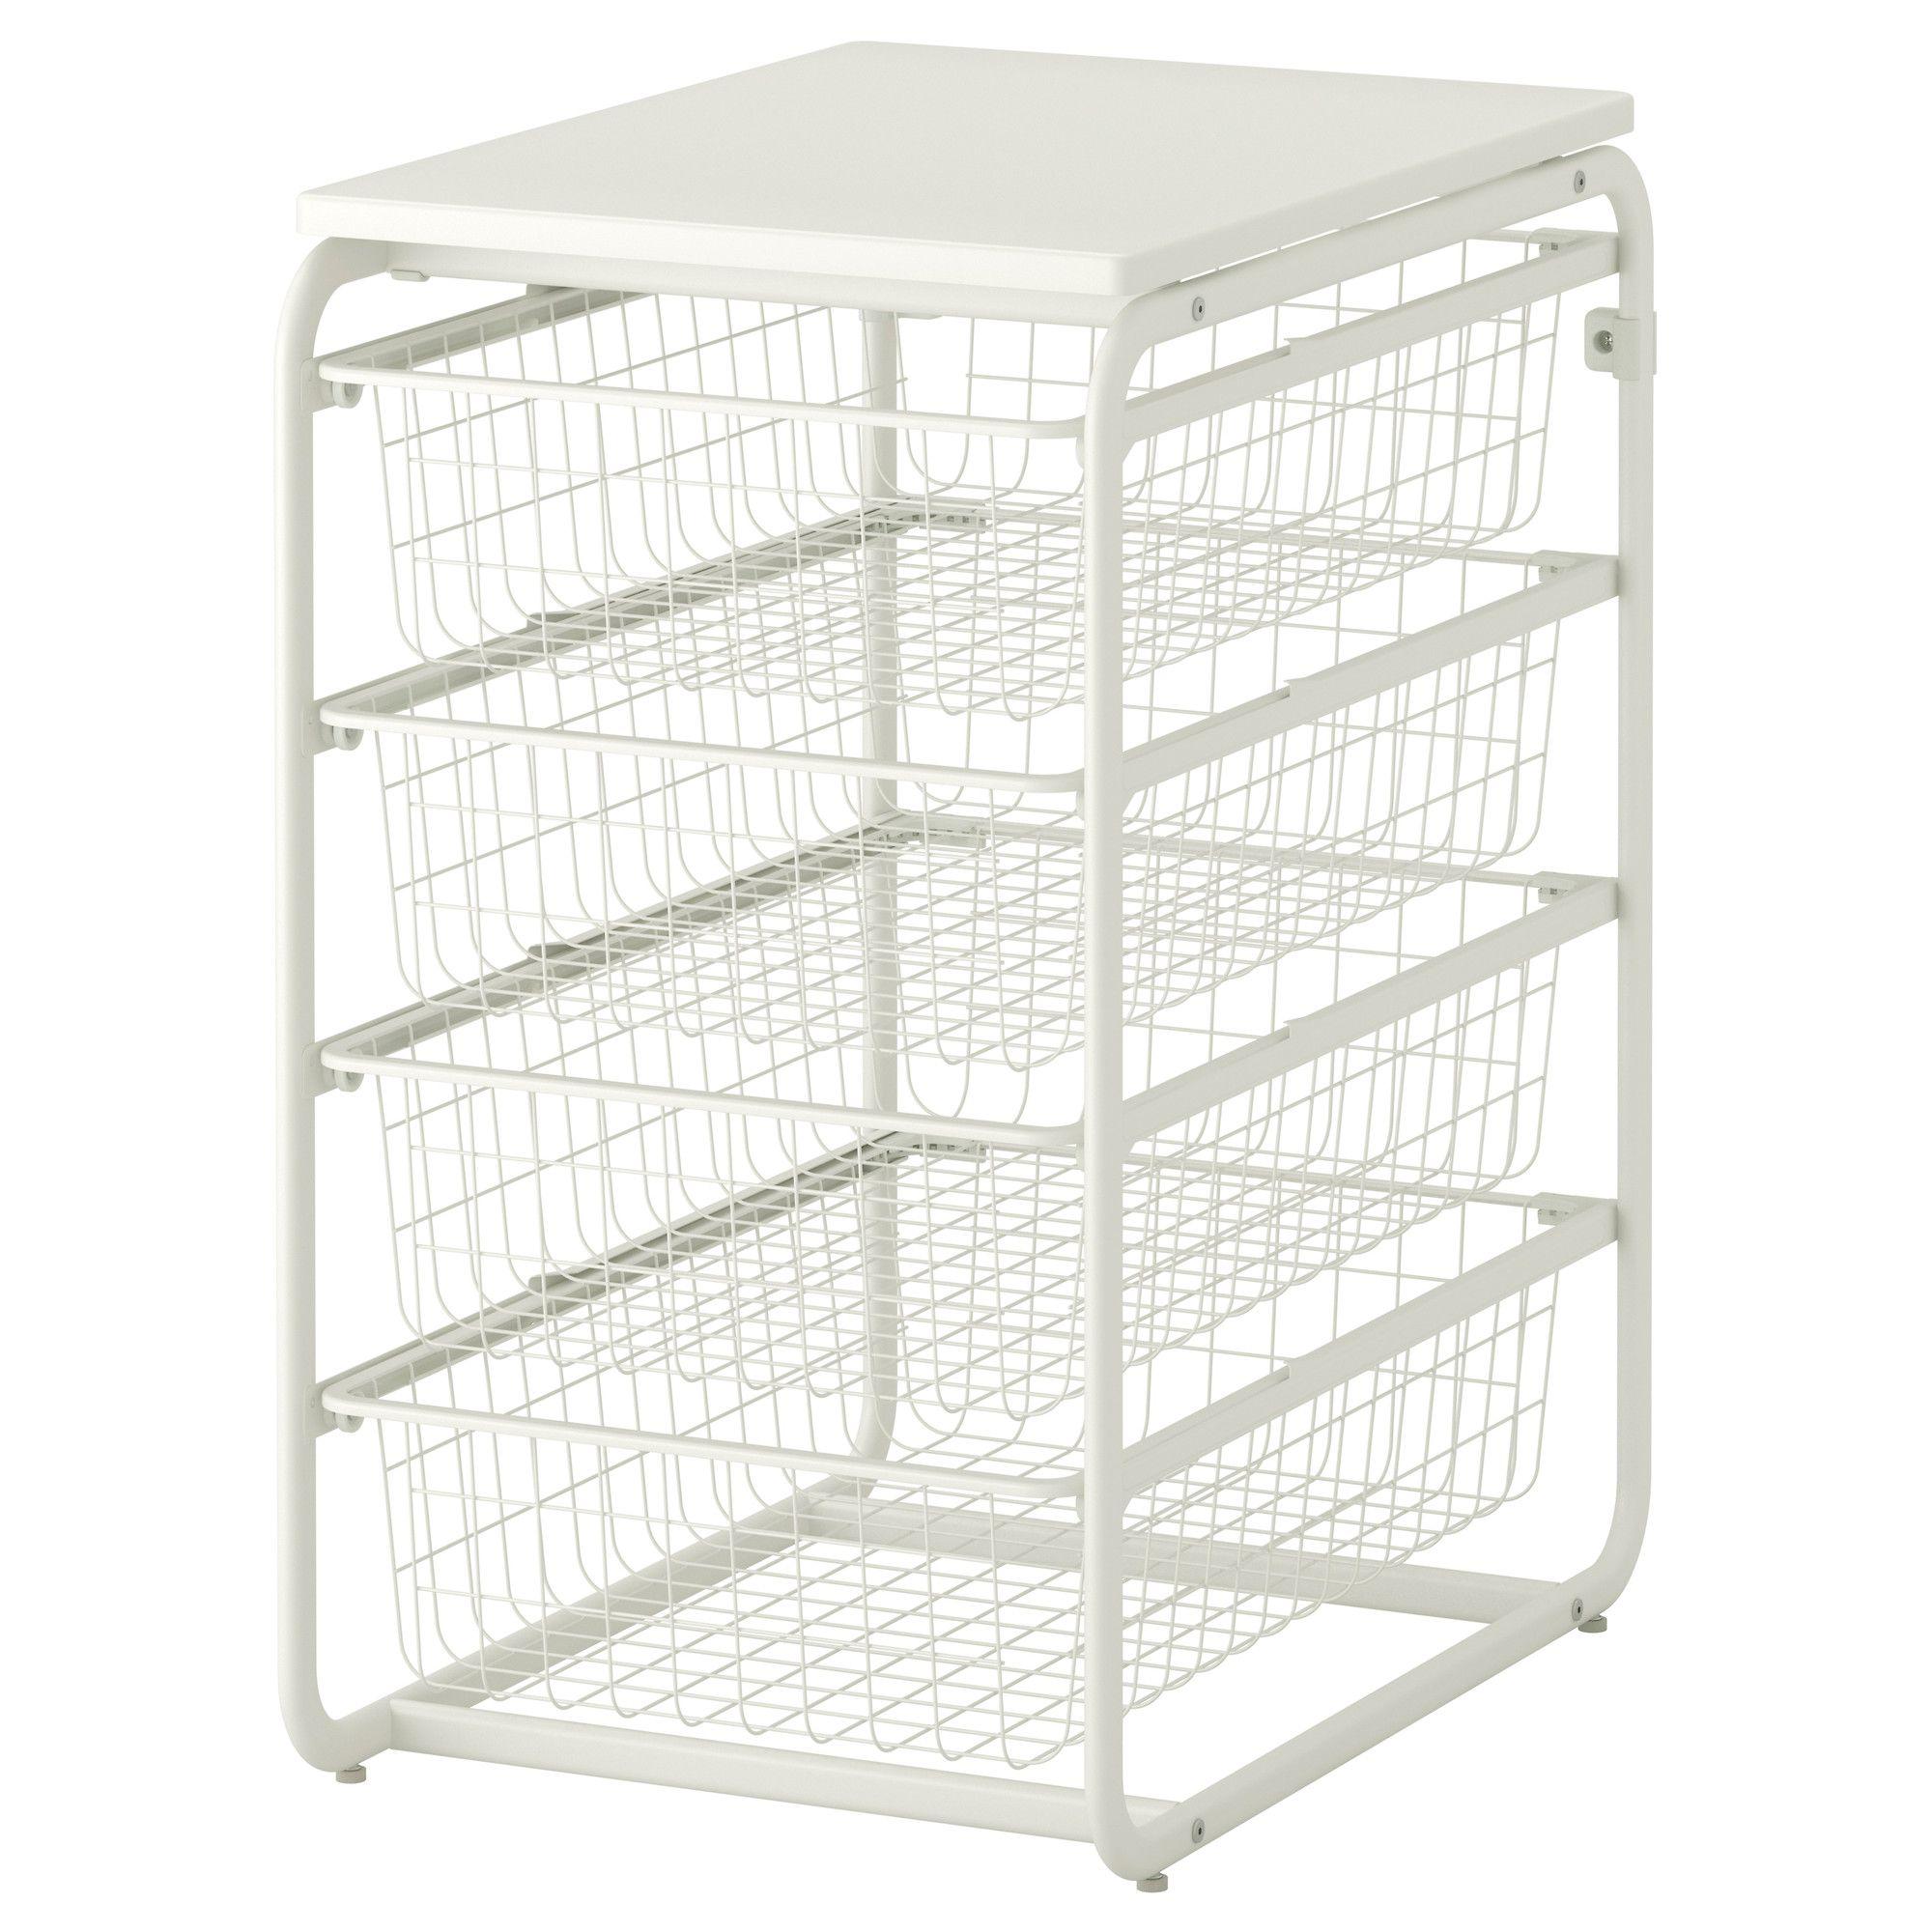 algot frame 4 wire baskets top shelf ikea shelves n. Black Bedroom Furniture Sets. Home Design Ideas